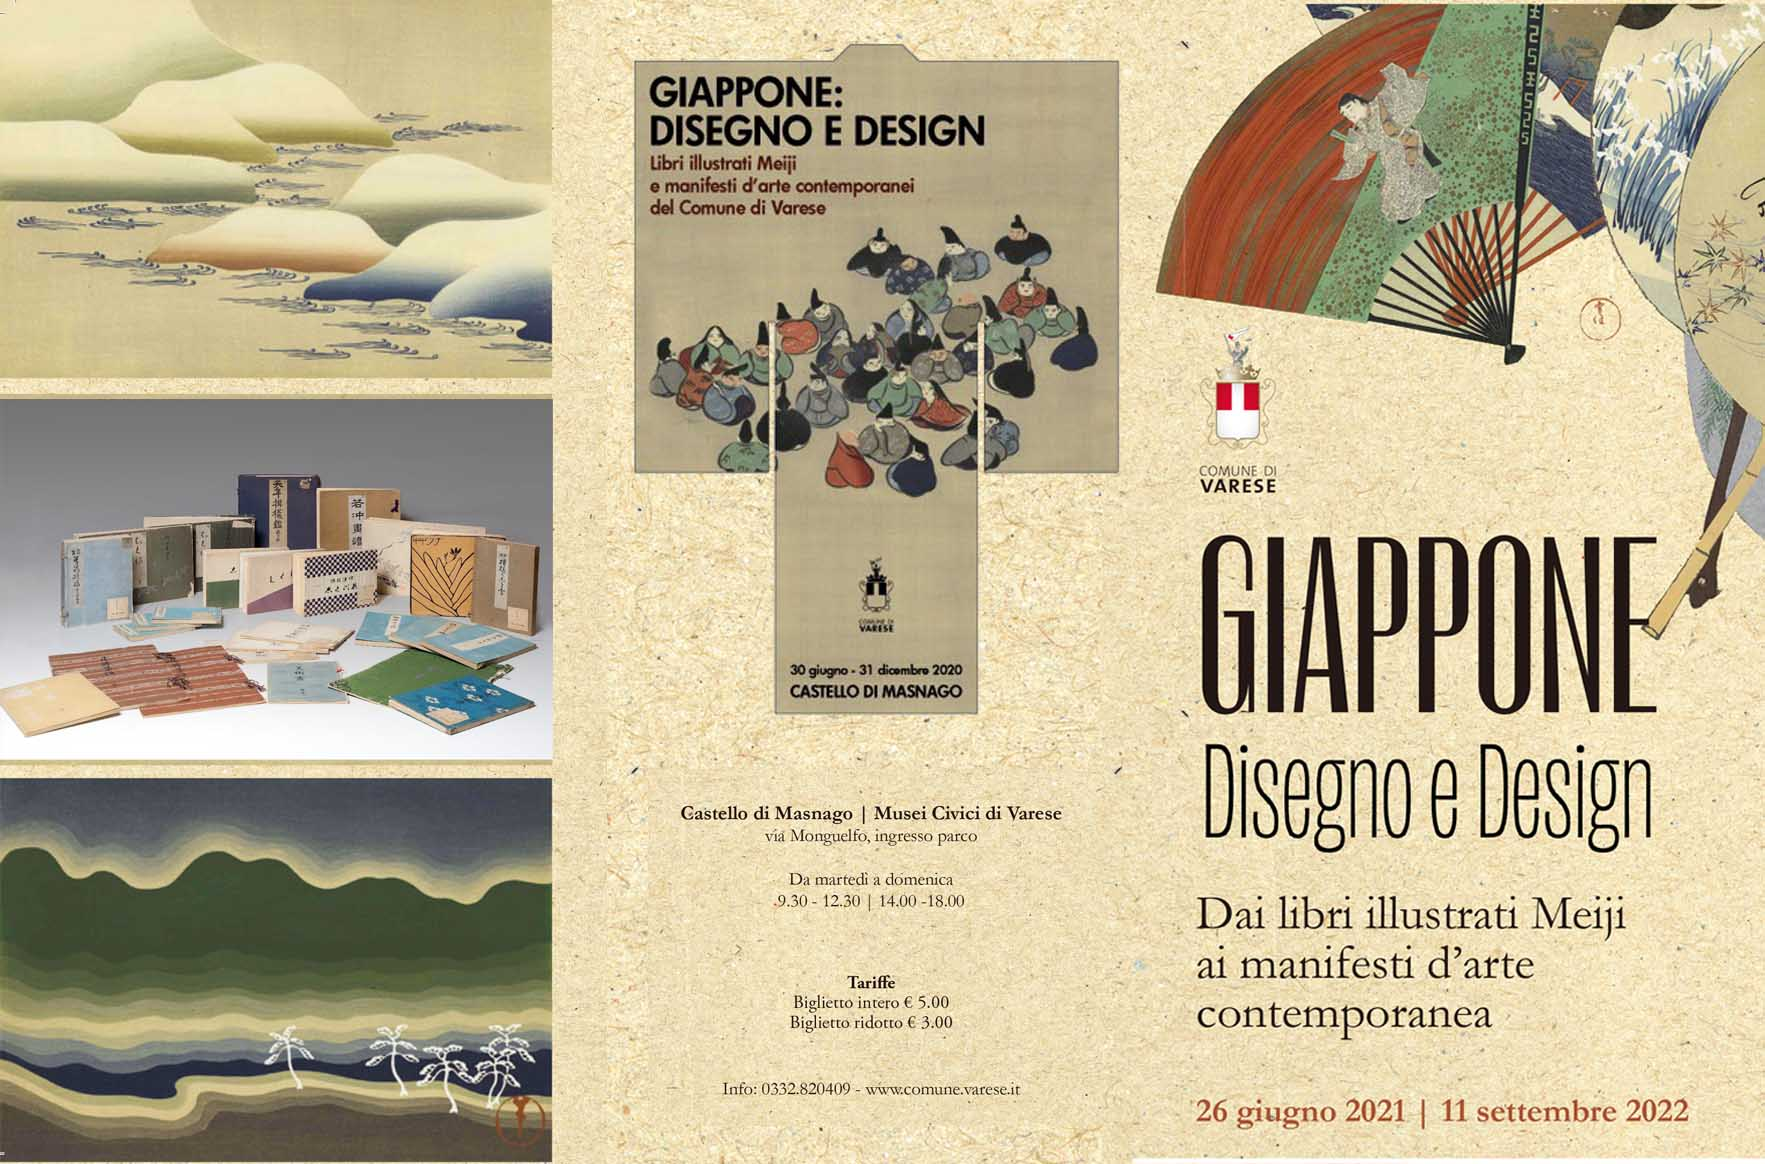 「青富士」< 凱風快晴 藍摺版>−葛飾北斎 Hokusaiー